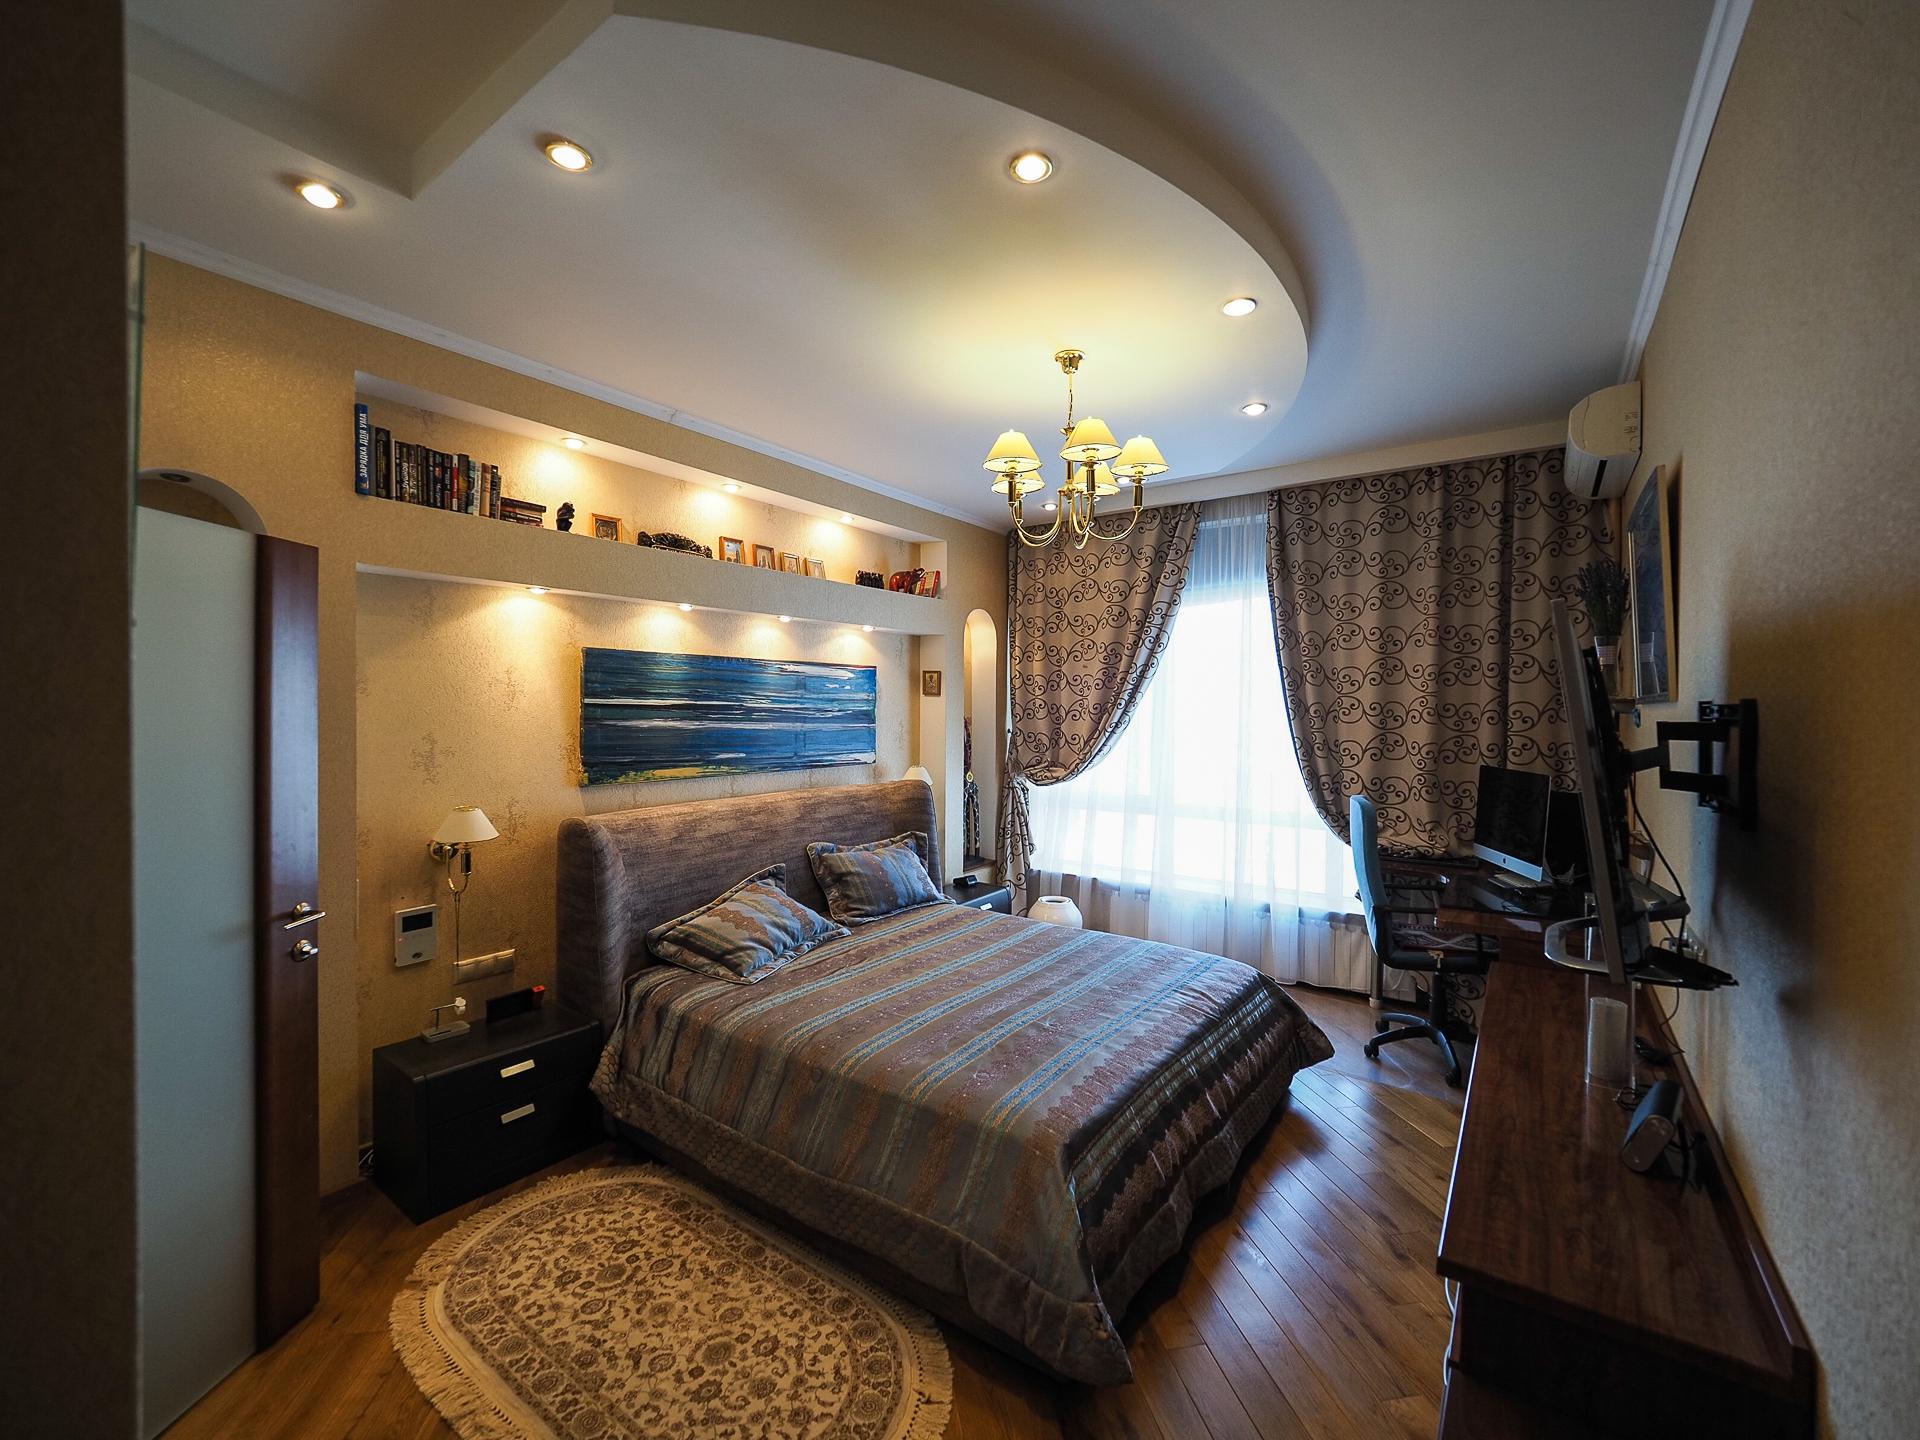 видовая квартира 22 этаж 100 Кв м 9